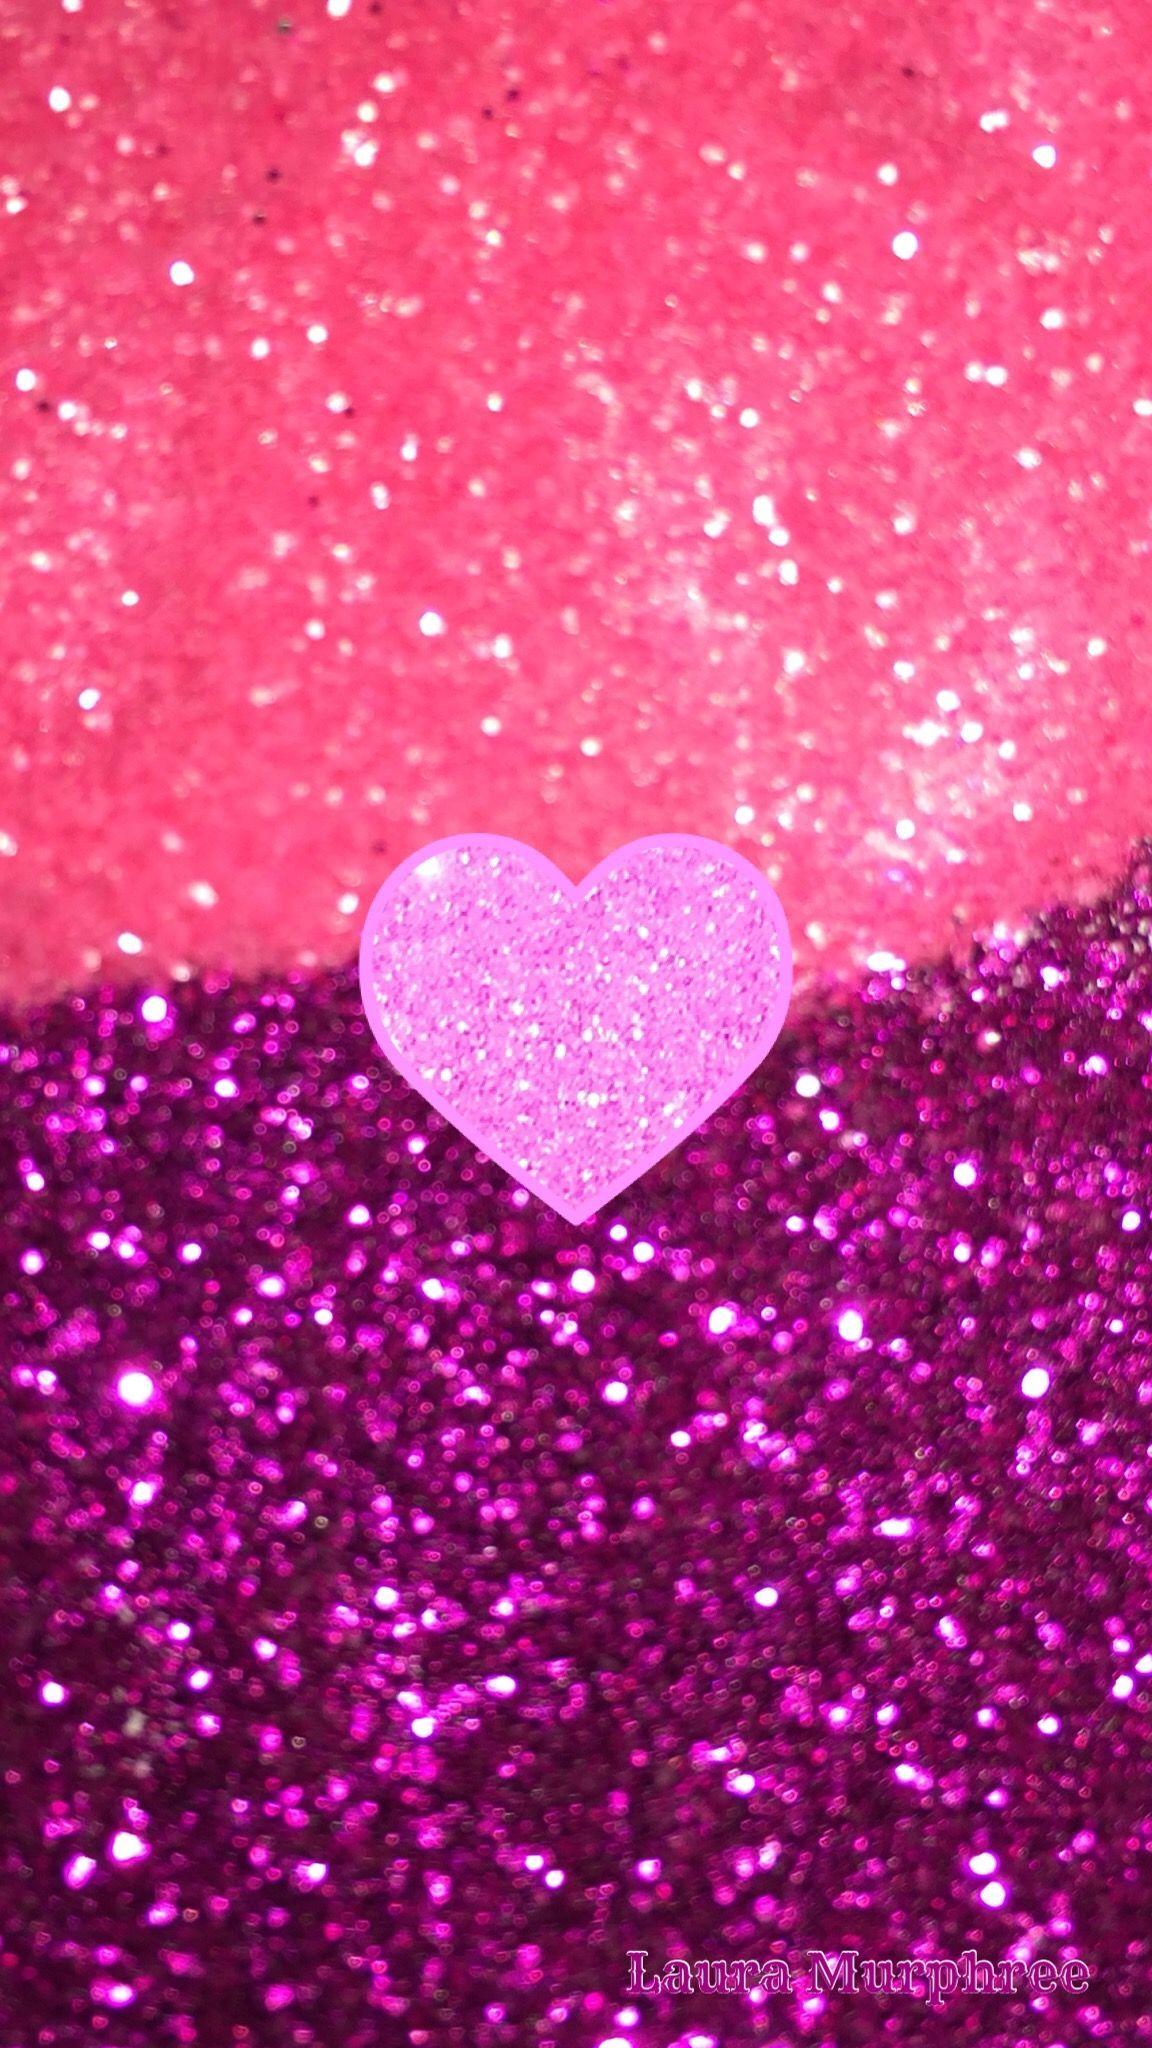 Glitter Phone Wallpaper Sparkle Background Sparkling Bling